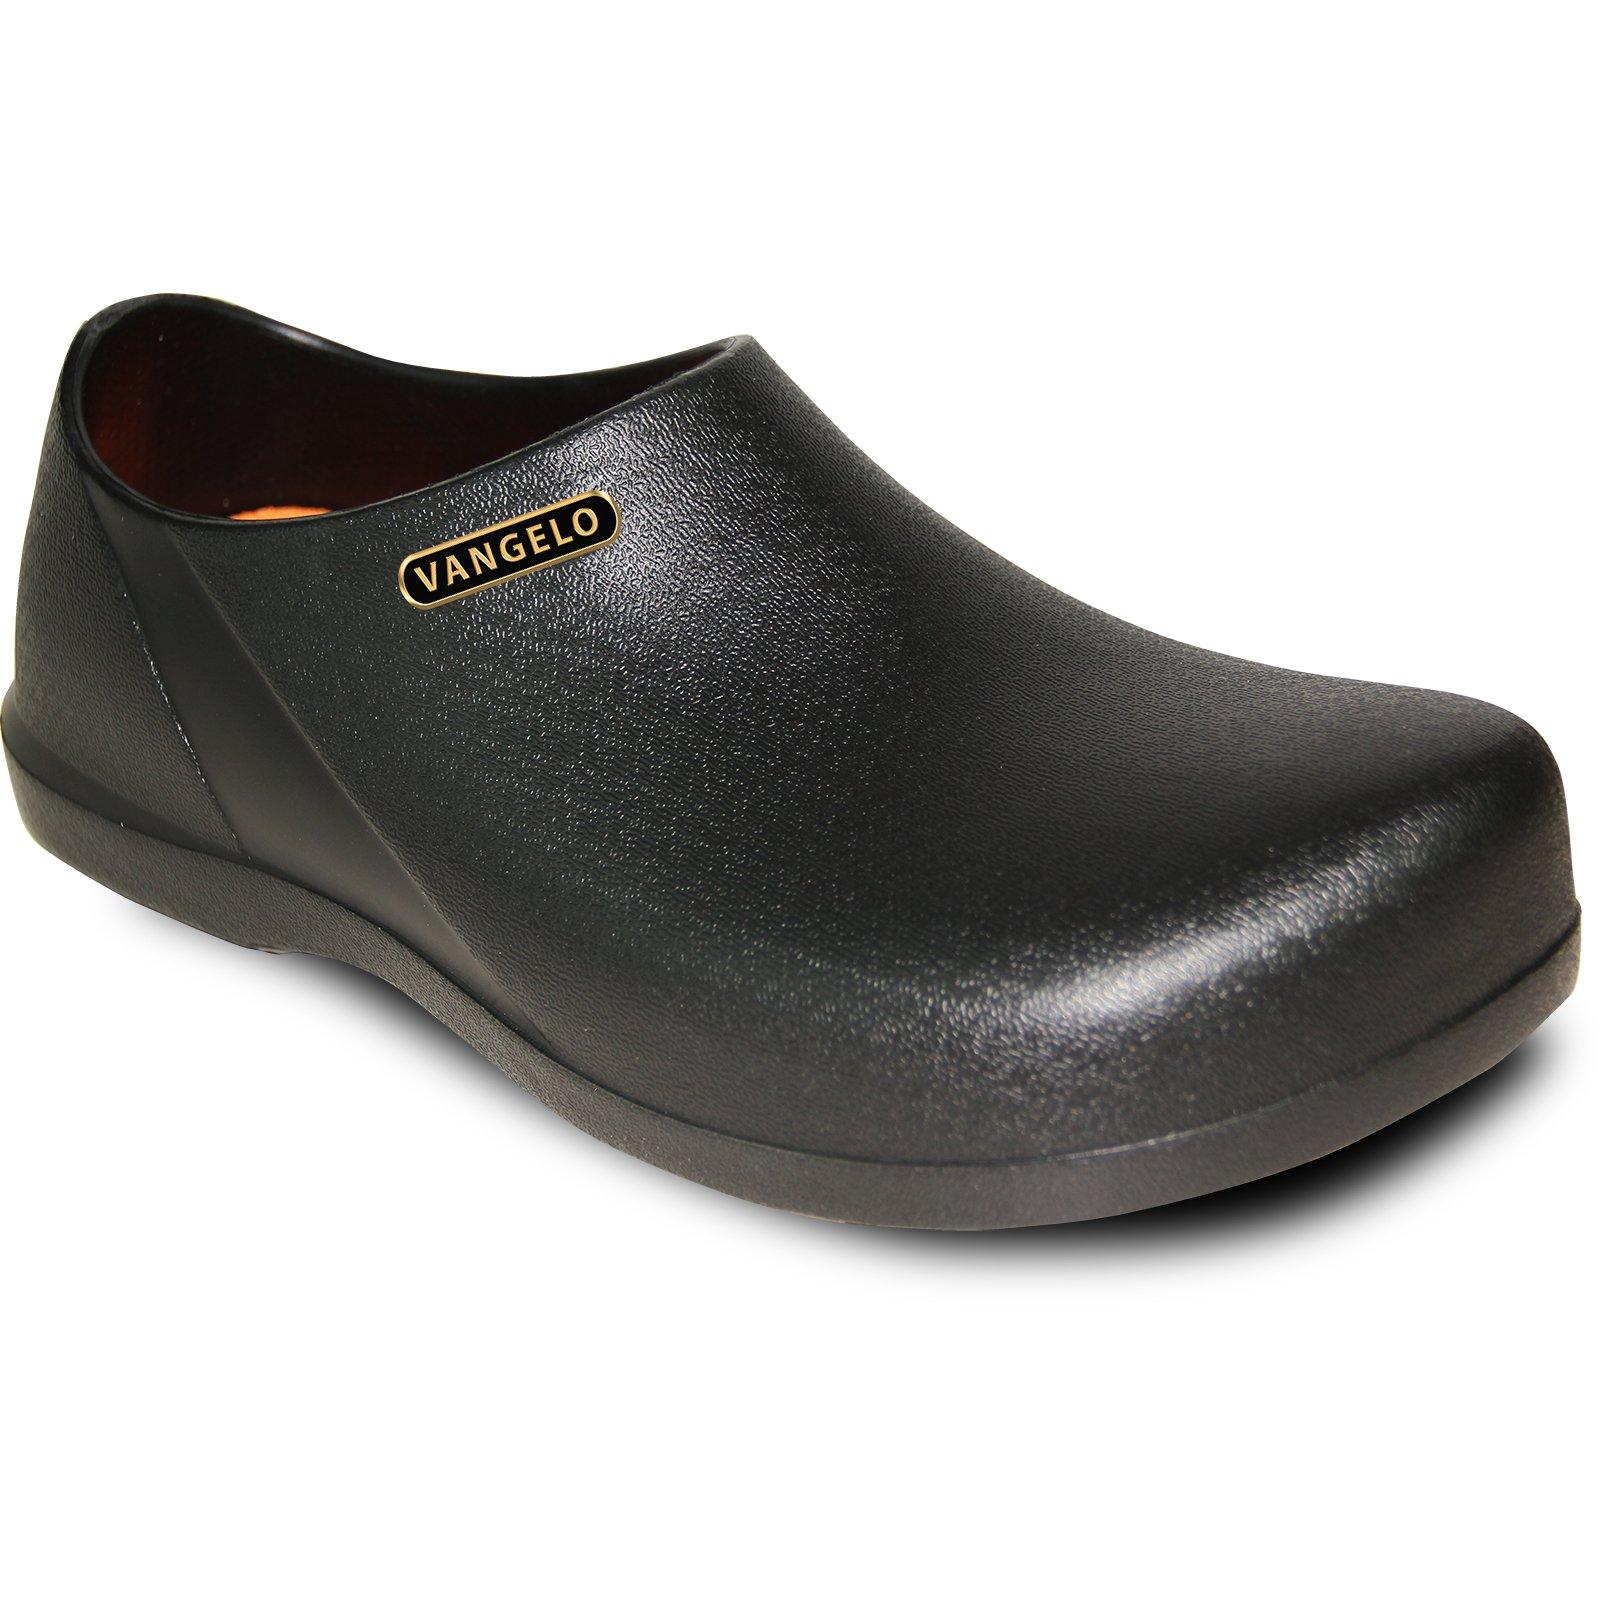 VANGELO Professional Slip Resistant Clog Unisex Work Shoe Carlisle Black by VANGELO